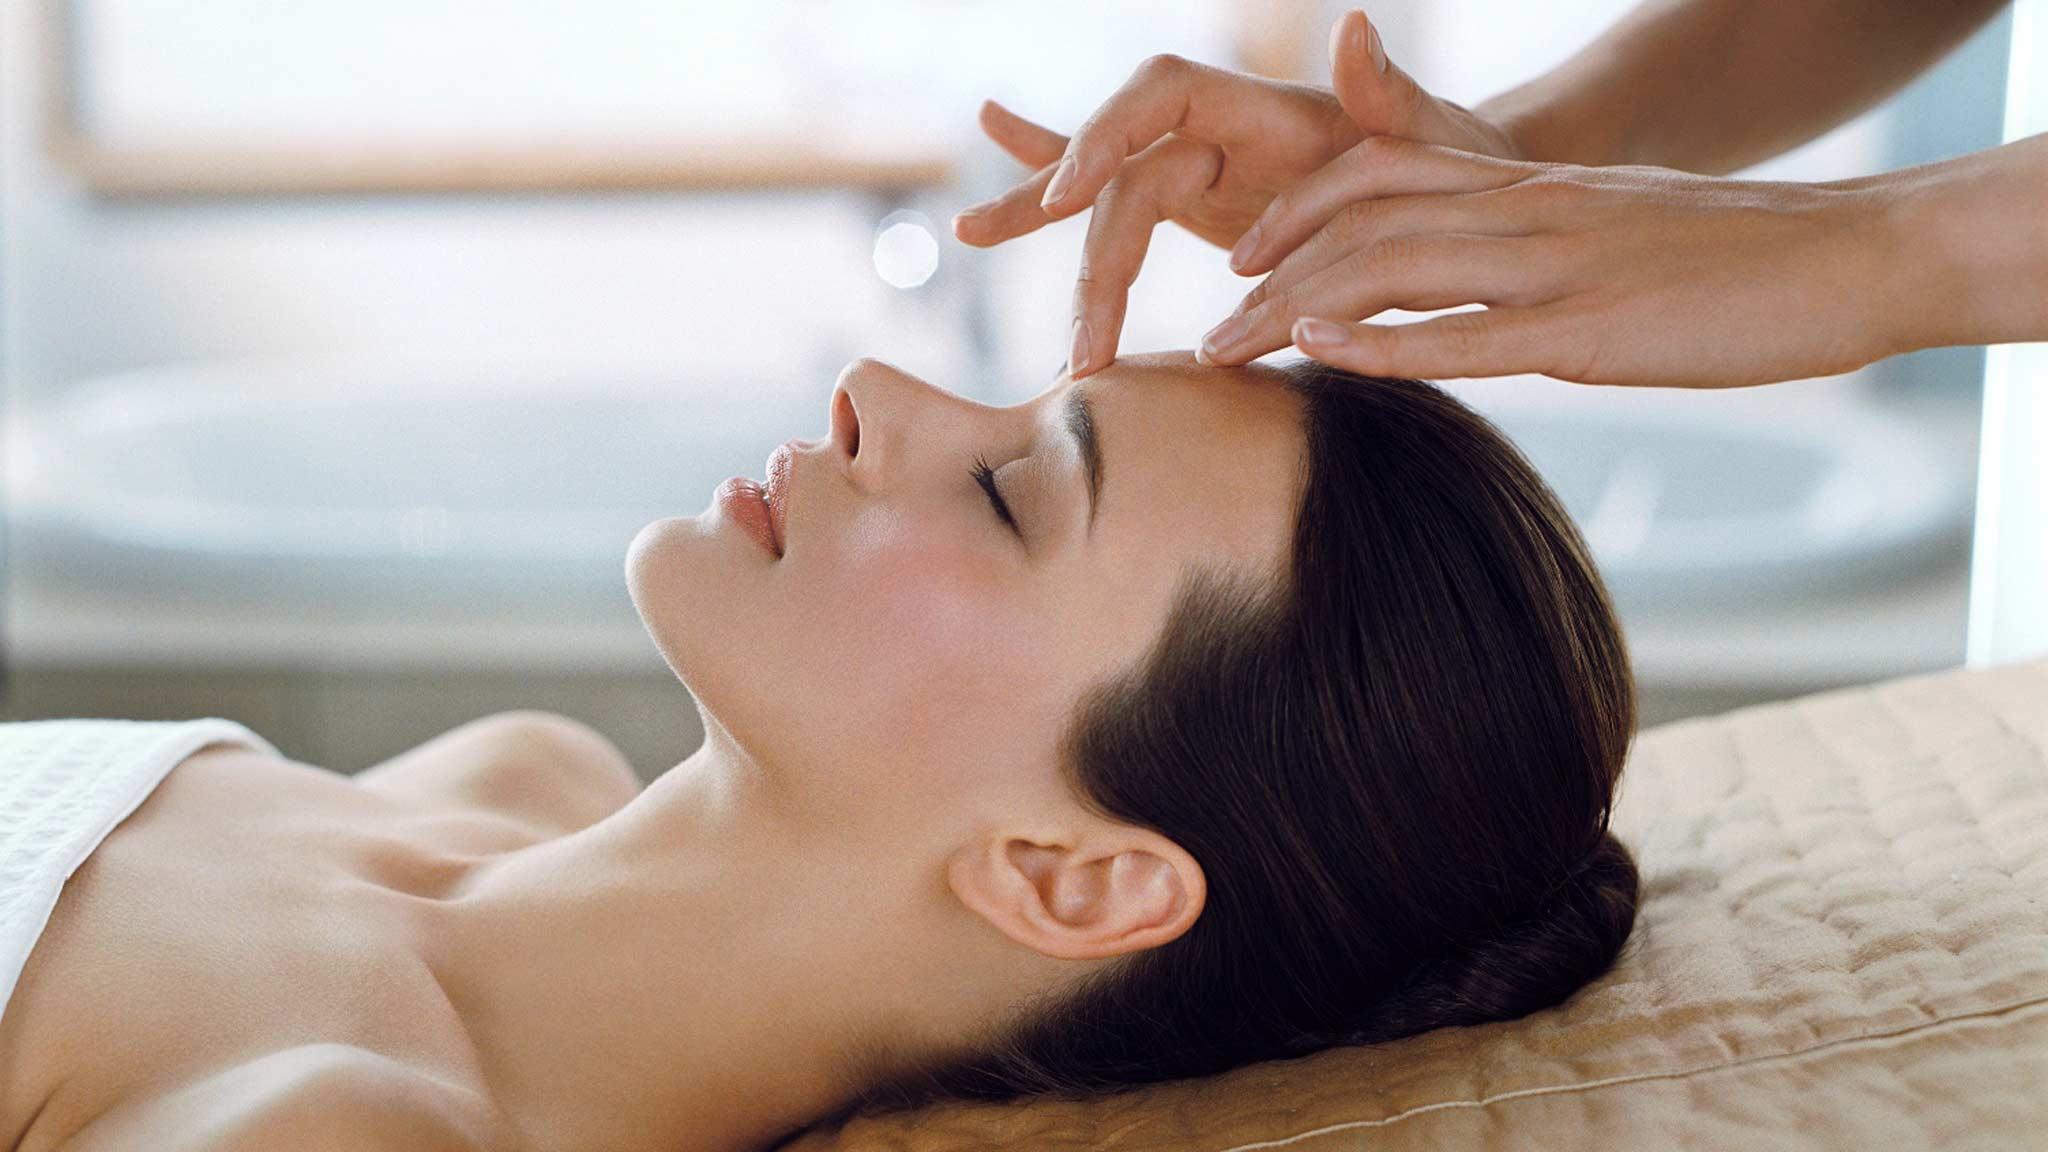 15-минутный массаж лица, который преобразит лицо уже через 2 недели